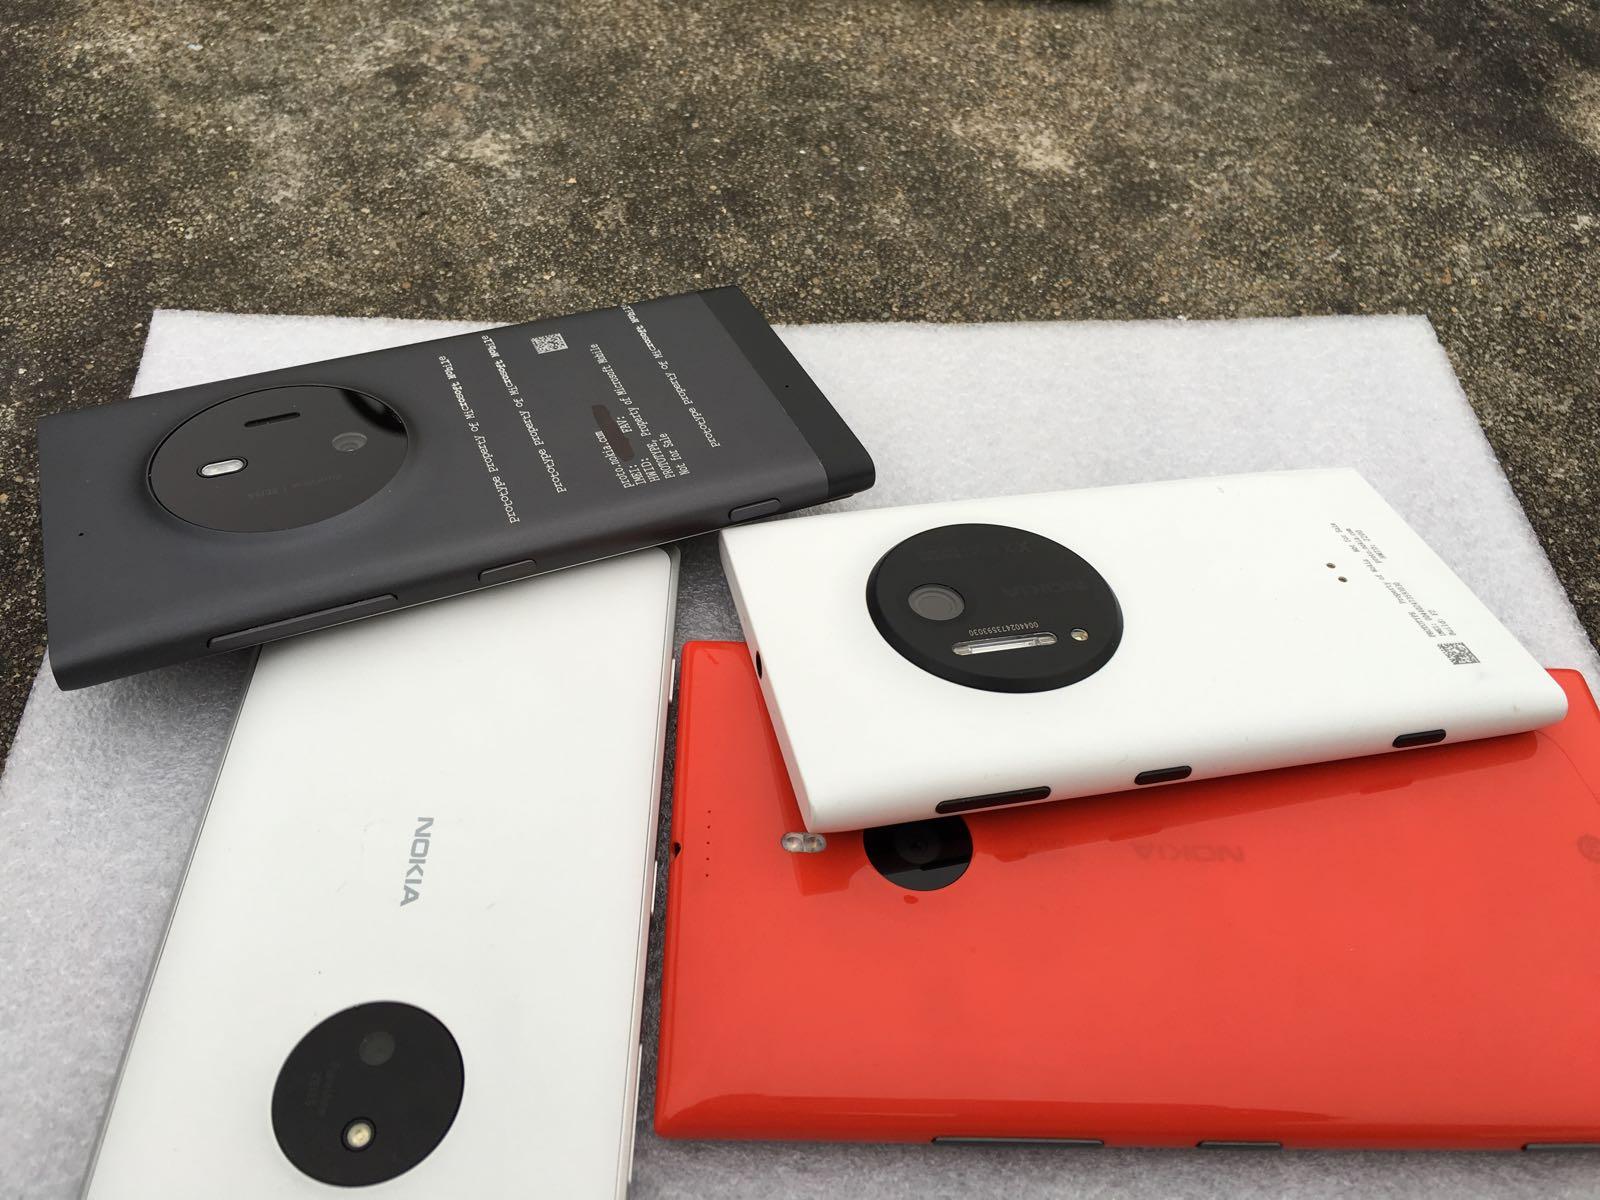 Microsoft Lumia McLaren